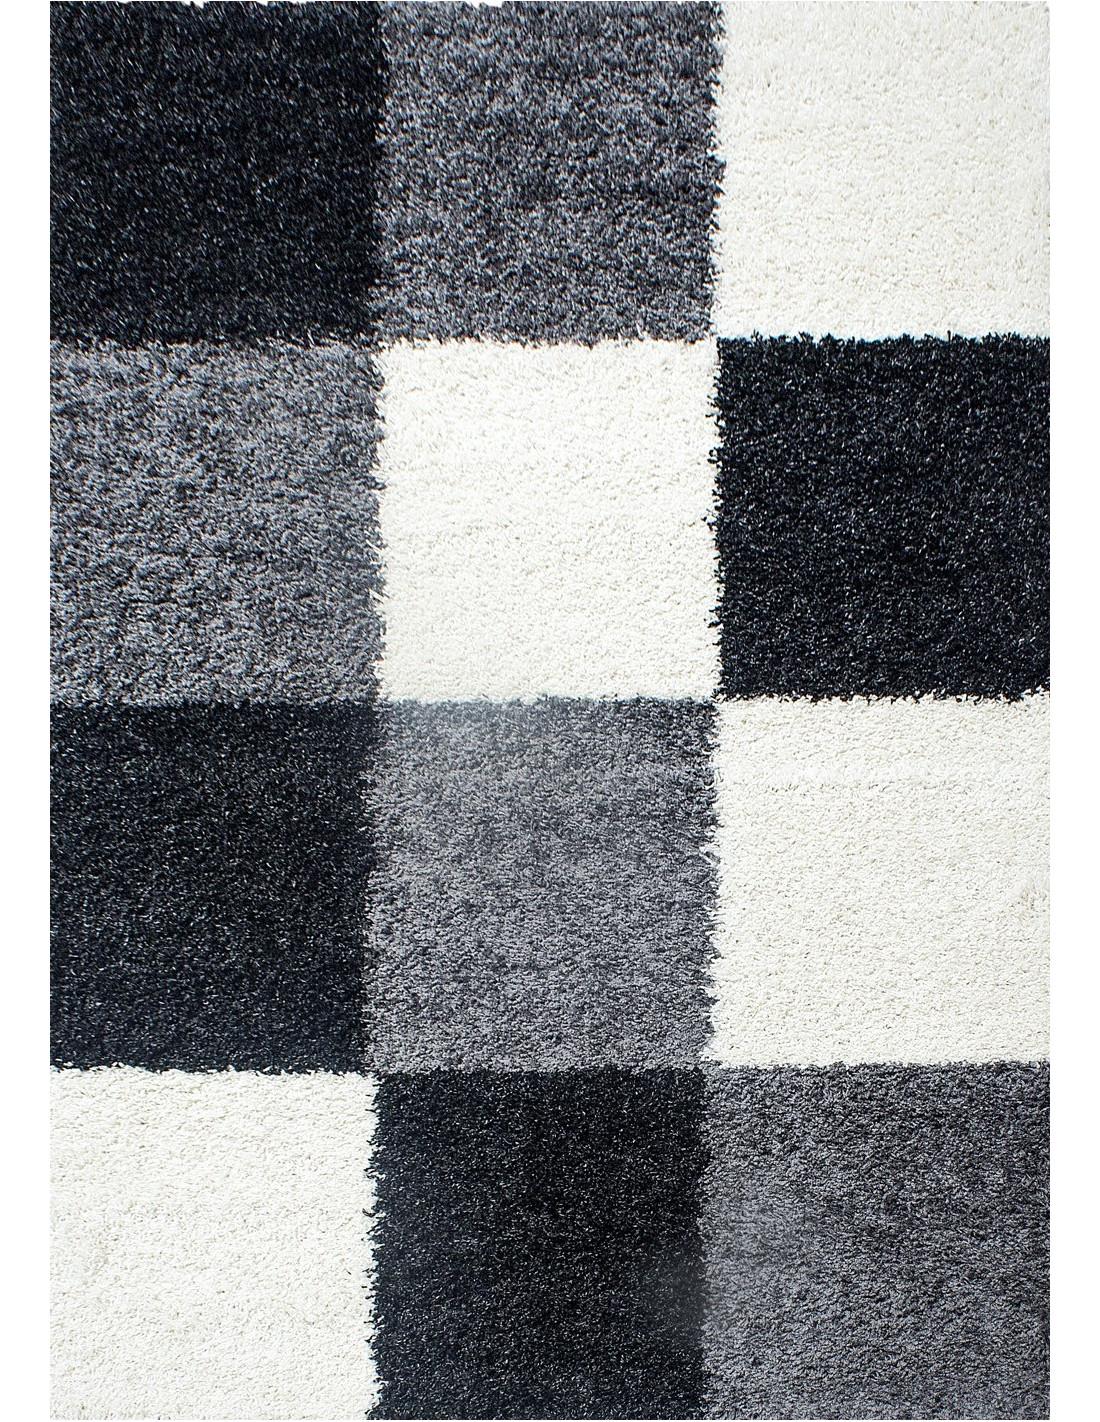 hochflor langflor wohnzimmer shaggy teppich kariert schwarz weiss grau. Black Bedroom Furniture Sets. Home Design Ideas